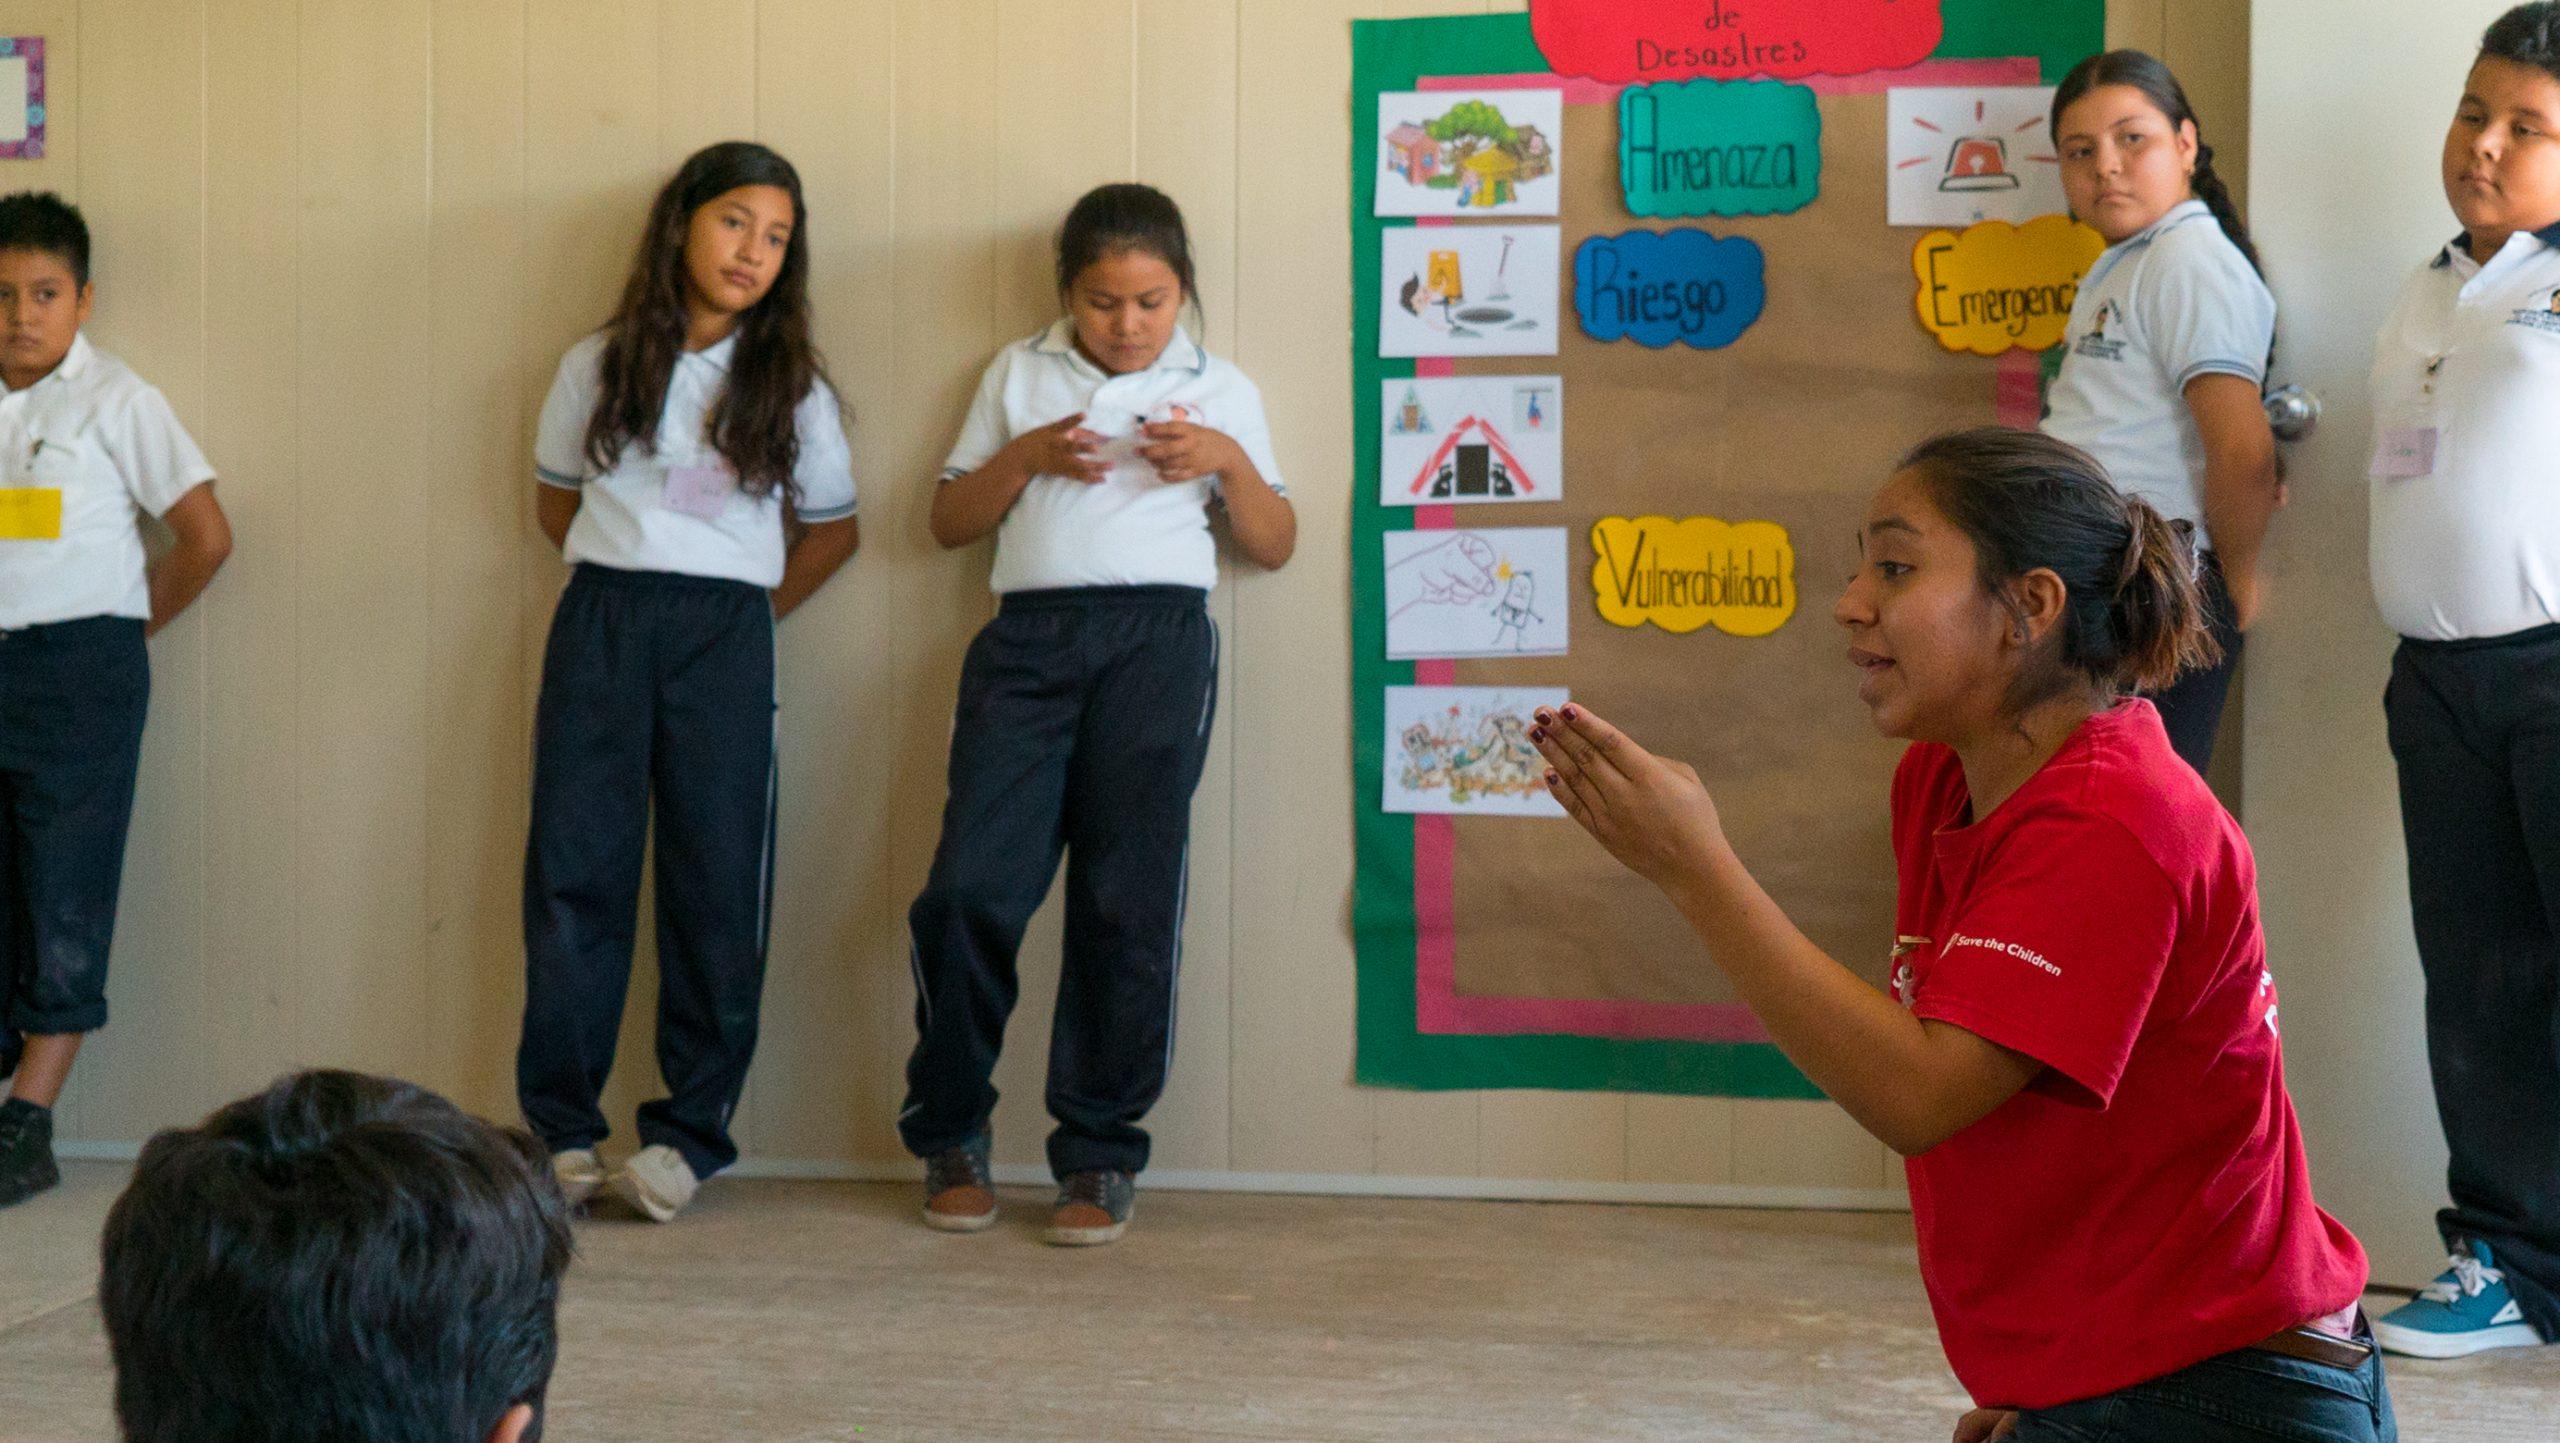 Por una niñez sin riesgos, el programa de Save the Children que hace escuelas más seguras